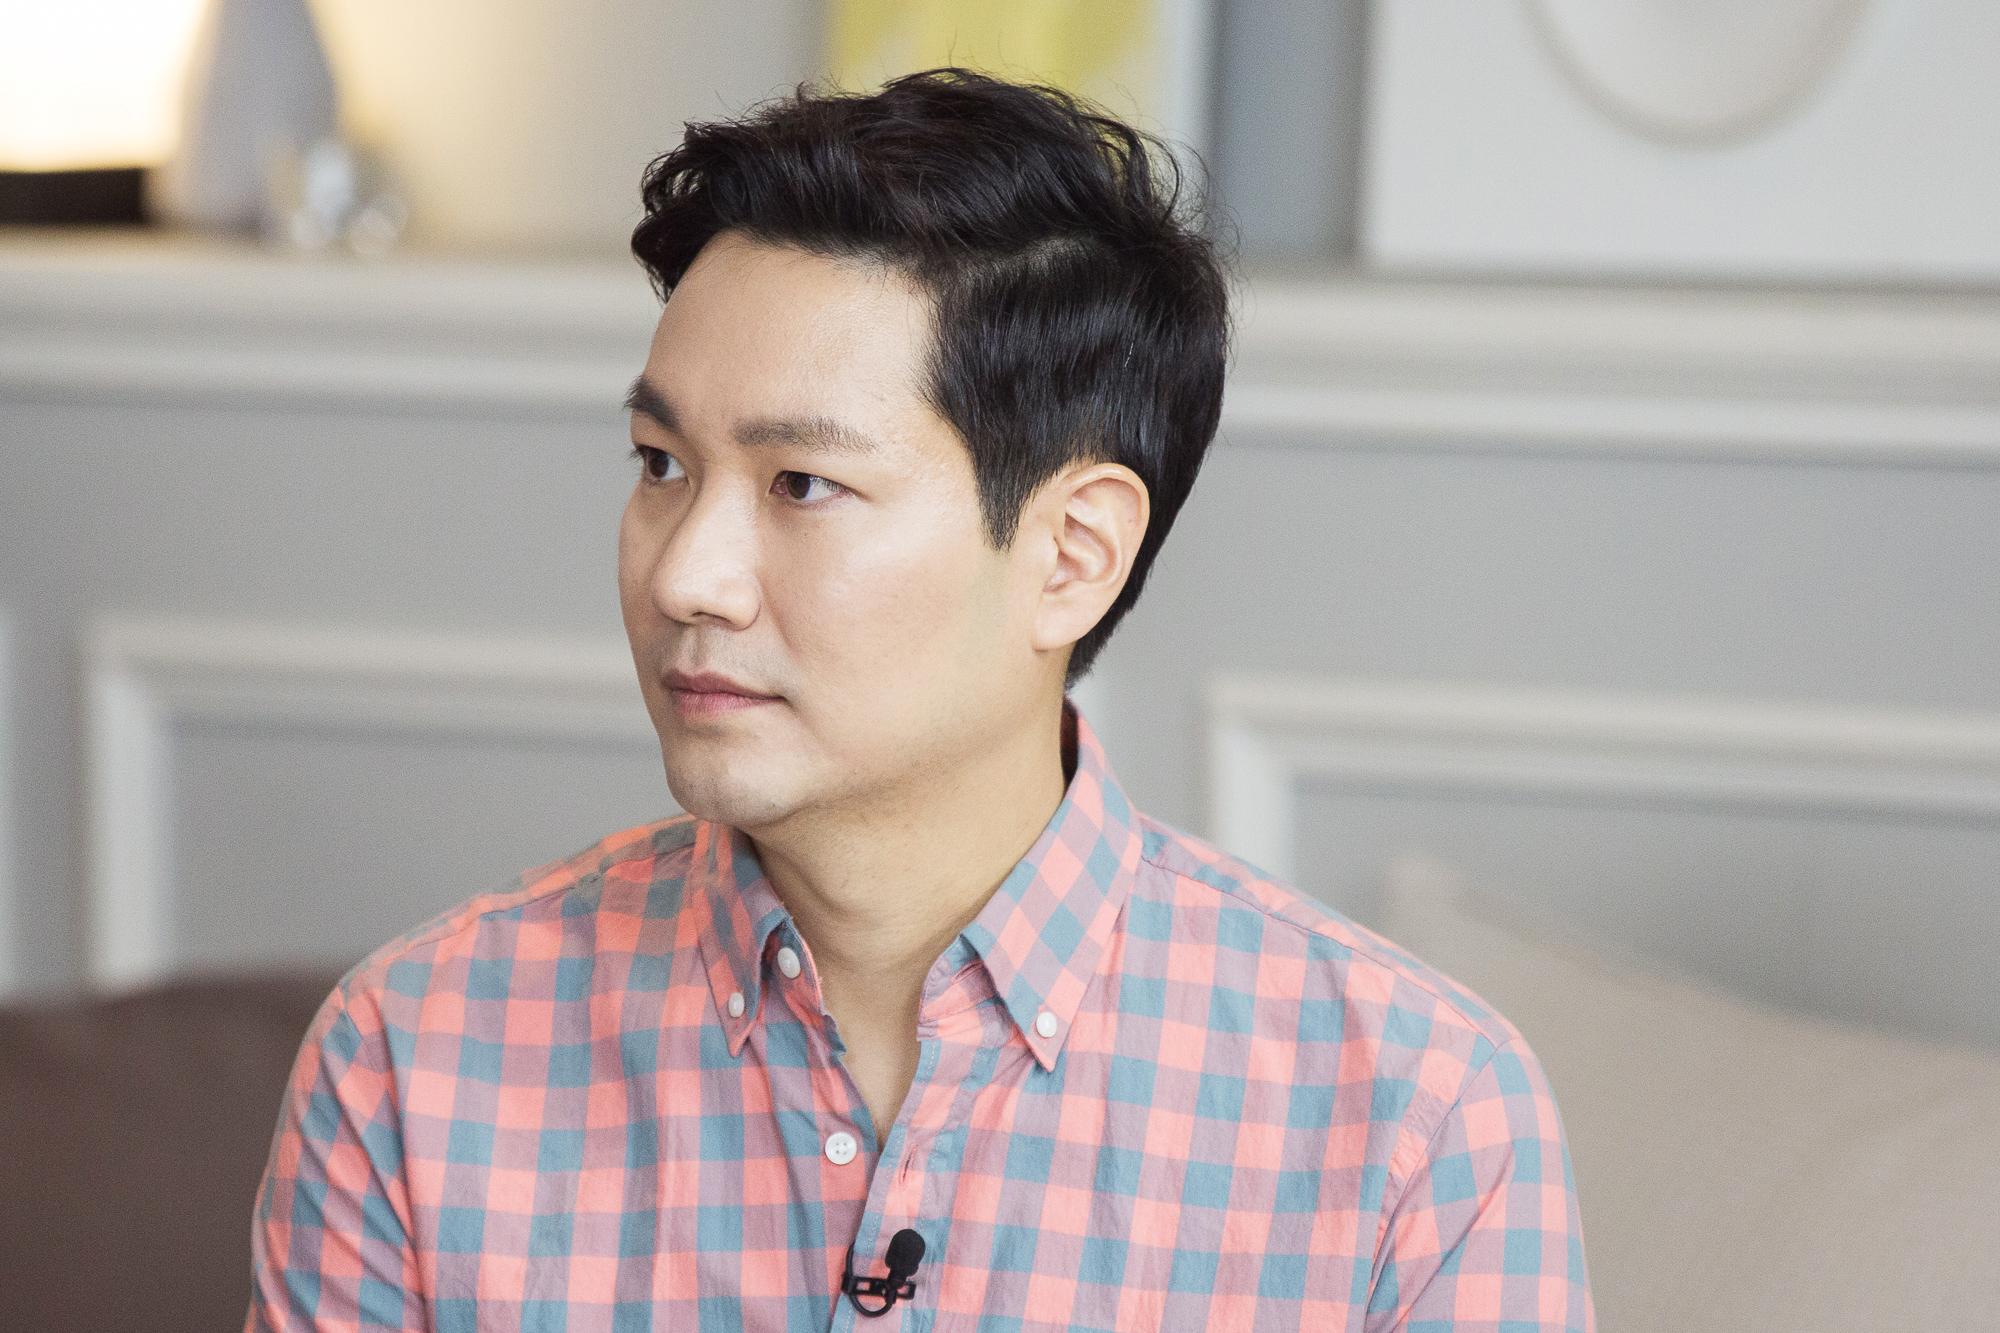 """<이방인> 서민정 남편 안상훈, """"아내의 커리어에 걸림돌이었던 것 같아 미안해"""""""